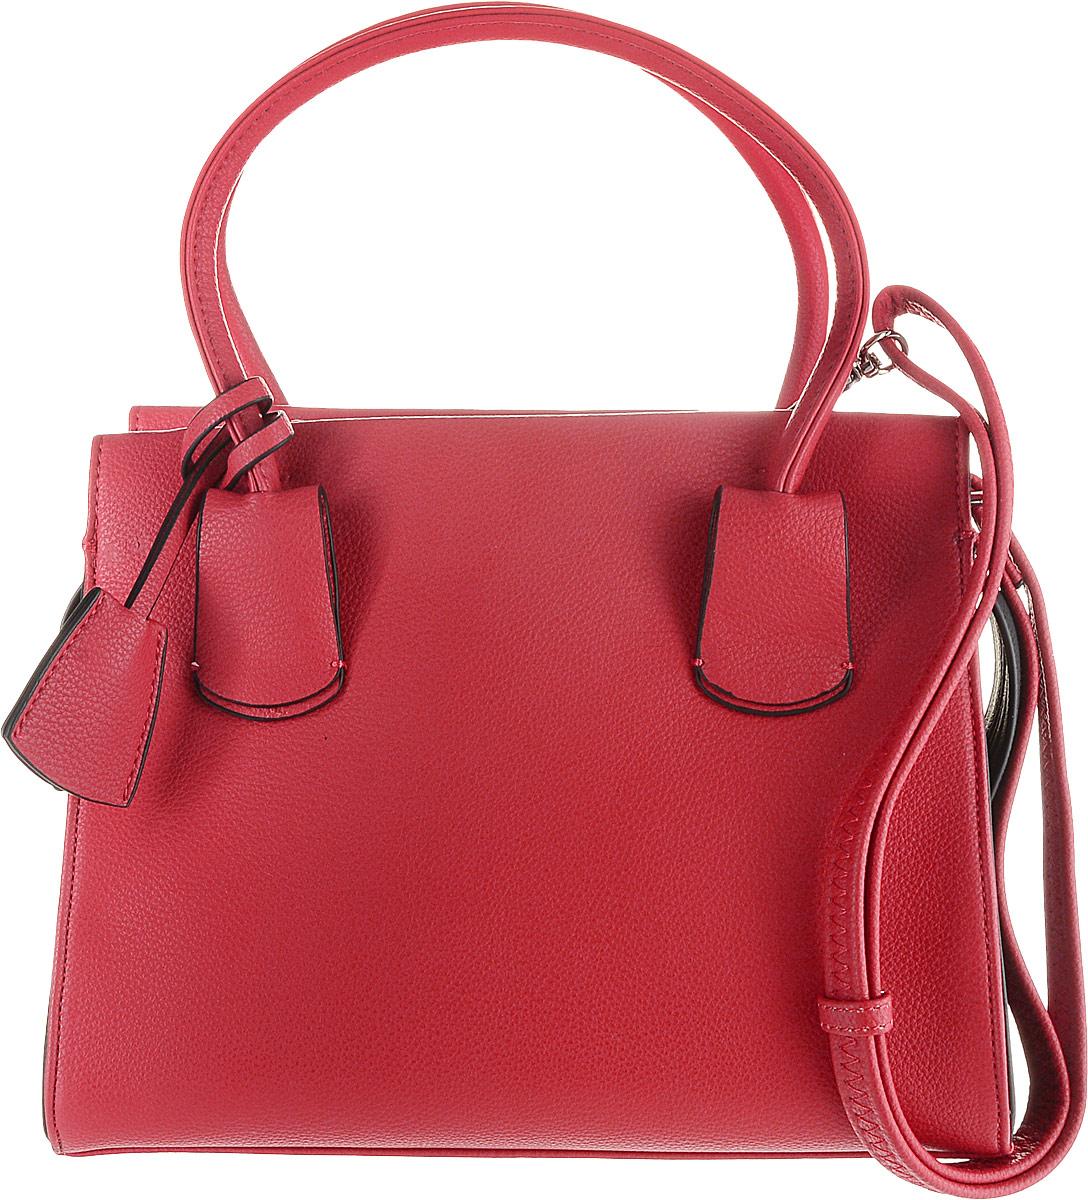 Сумка женская Flioraj, цвет: красный. 00053264-173-47670-00504Элегантная классическая женская сумка Flioraj выполнена из высококачественной экокожи. Изделие содержит одно отделение и закрывается на застежку-молнию. Внутри расположены два накладных кармана и врезной карман на застежке-молнии. Задняя сторона сумки дополнена врезным карманом на молнии. Сумка оснащена двумя удобными ручками средней высоты. Дно сумки дополнено металлическими ножками. В комплект входит съемный плечевой ремень, который регулируется по длине.